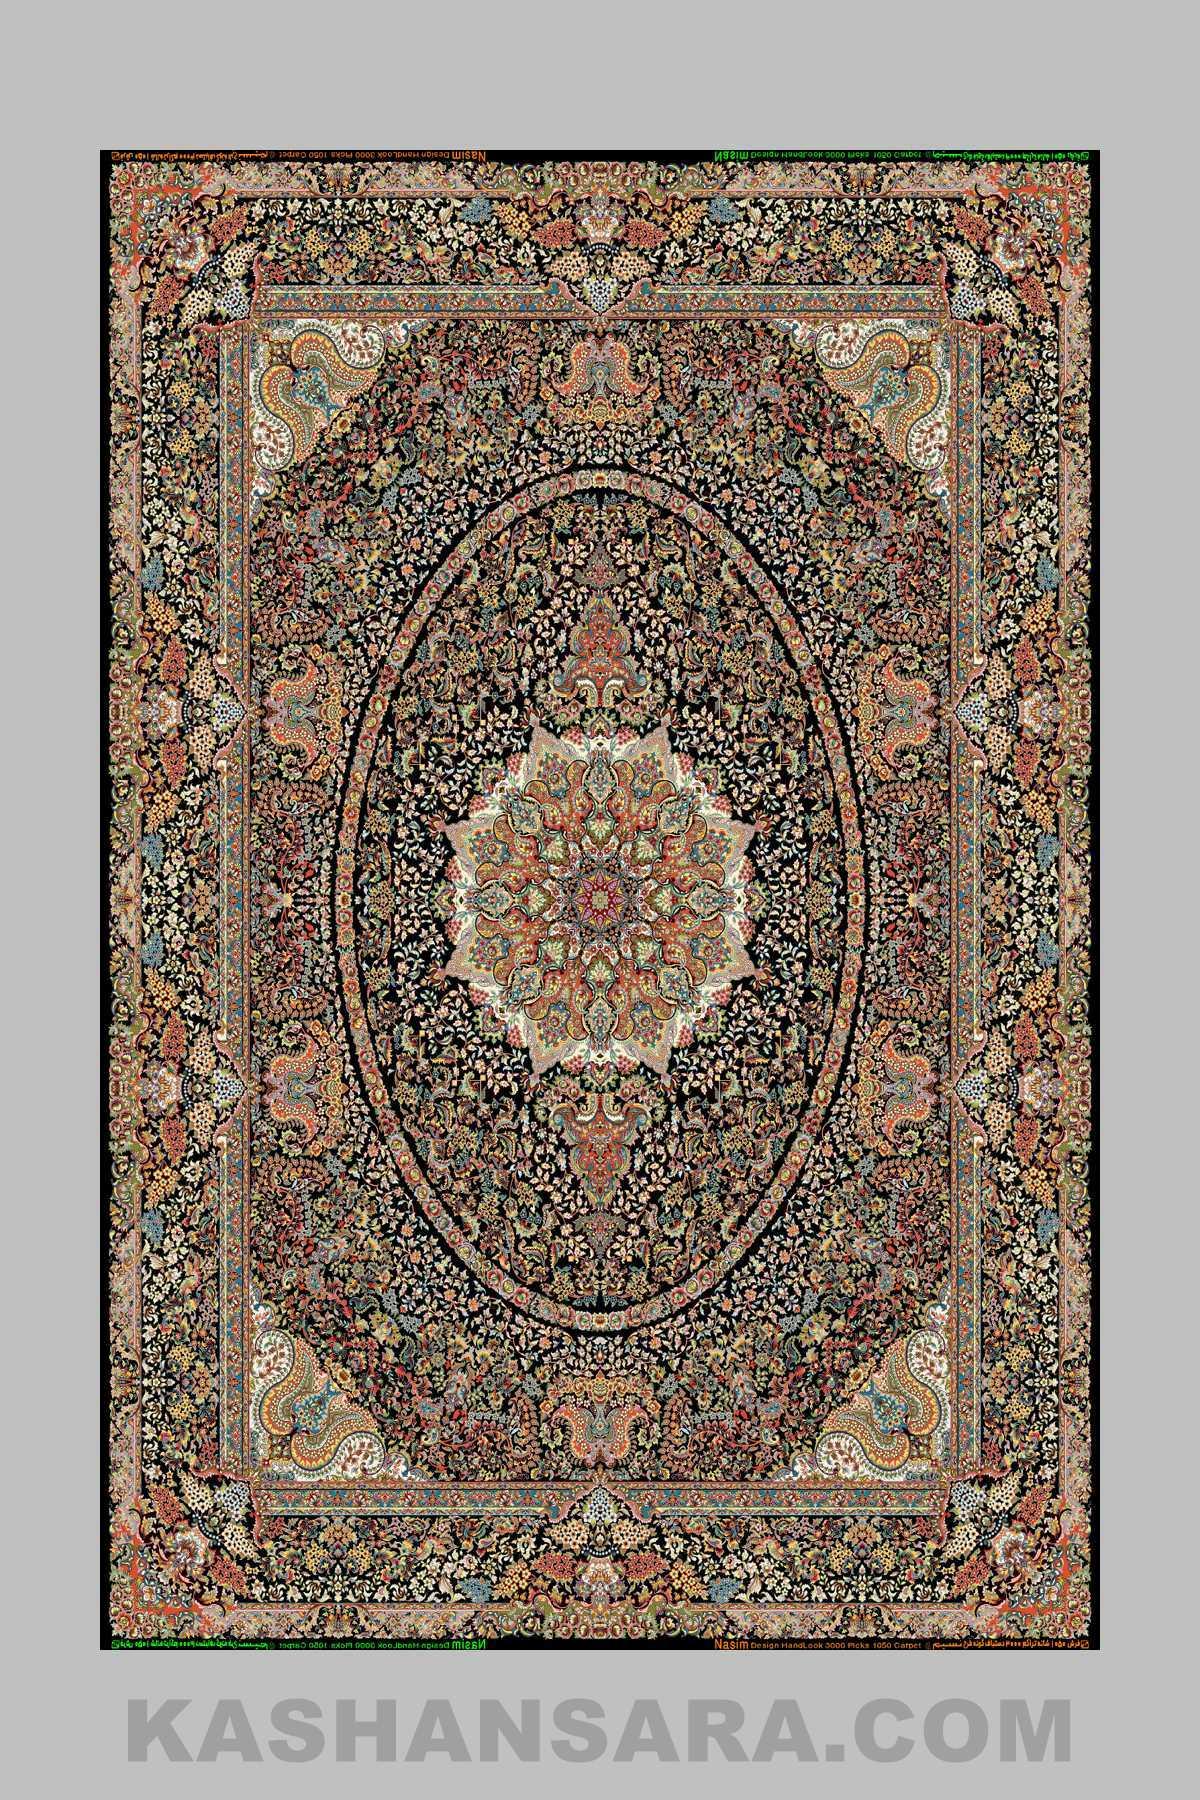 PAYAR-1050-Nasim Sormeii -12001800